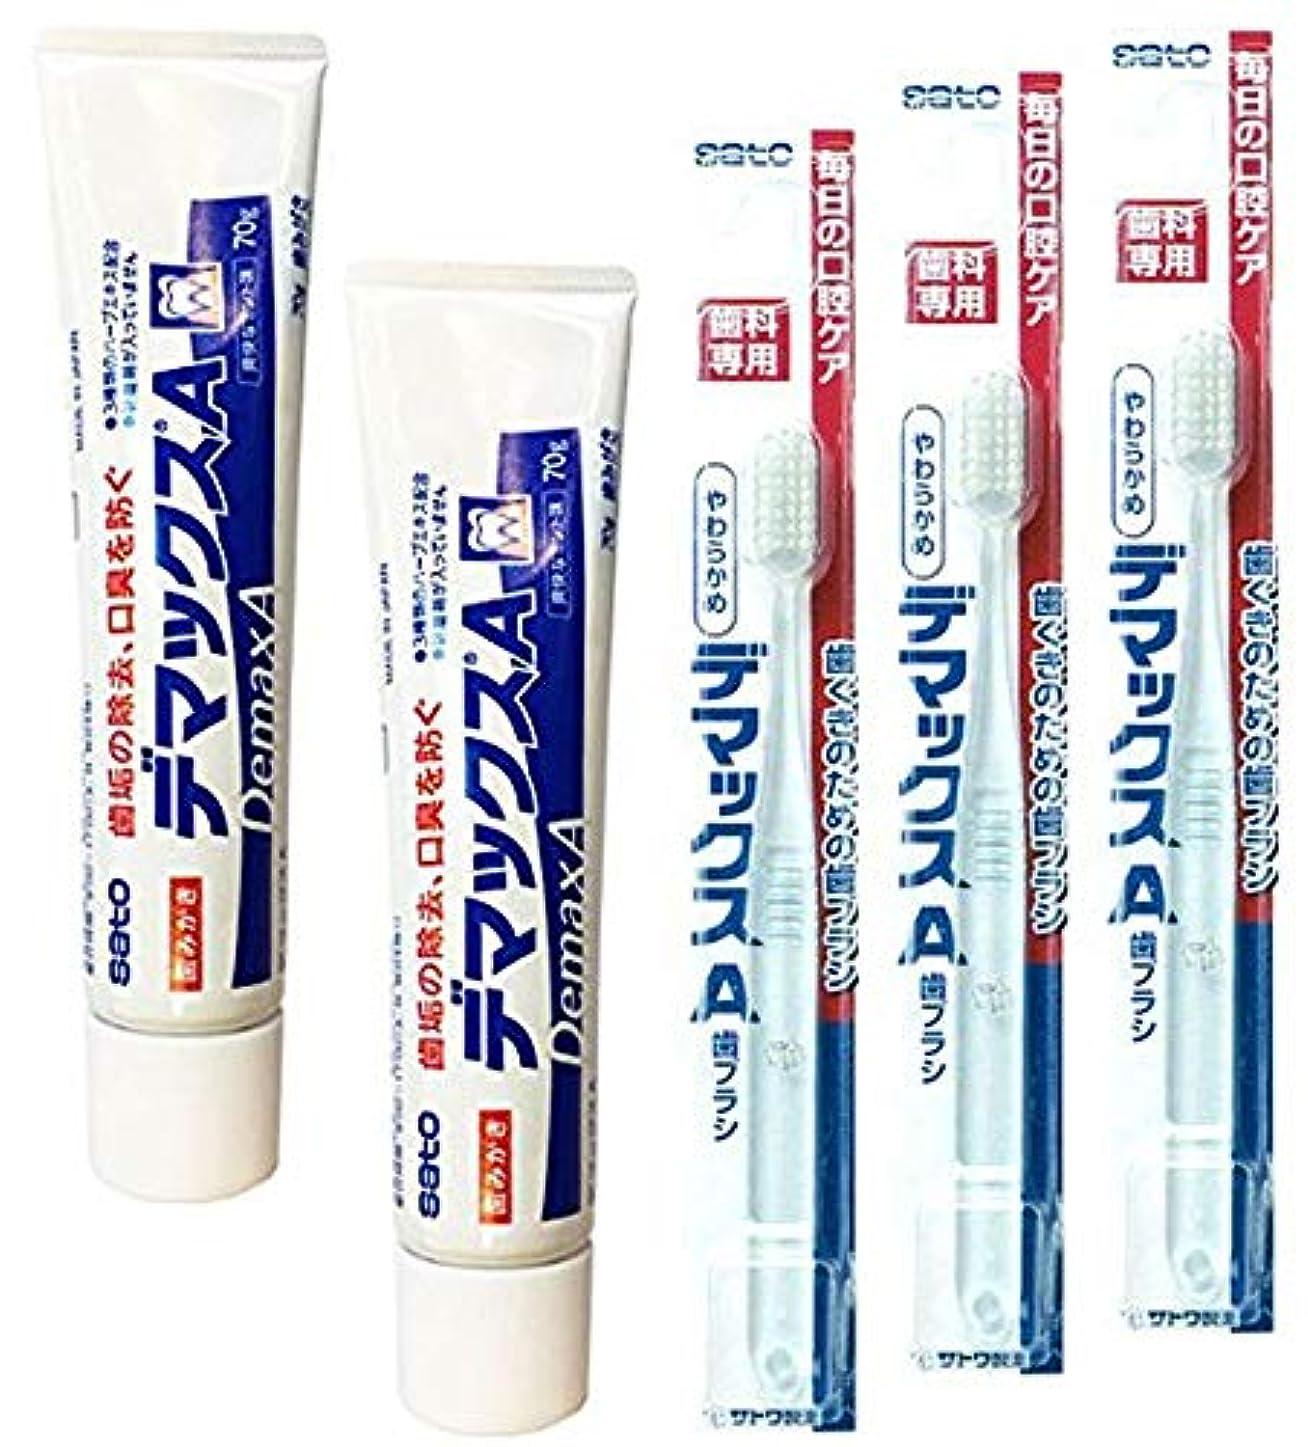 リラックス仕事硬い佐藤製薬 デマックスA 歯磨き粉(70g) 2個 + デマックスA 歯ブラシ 3本 セット